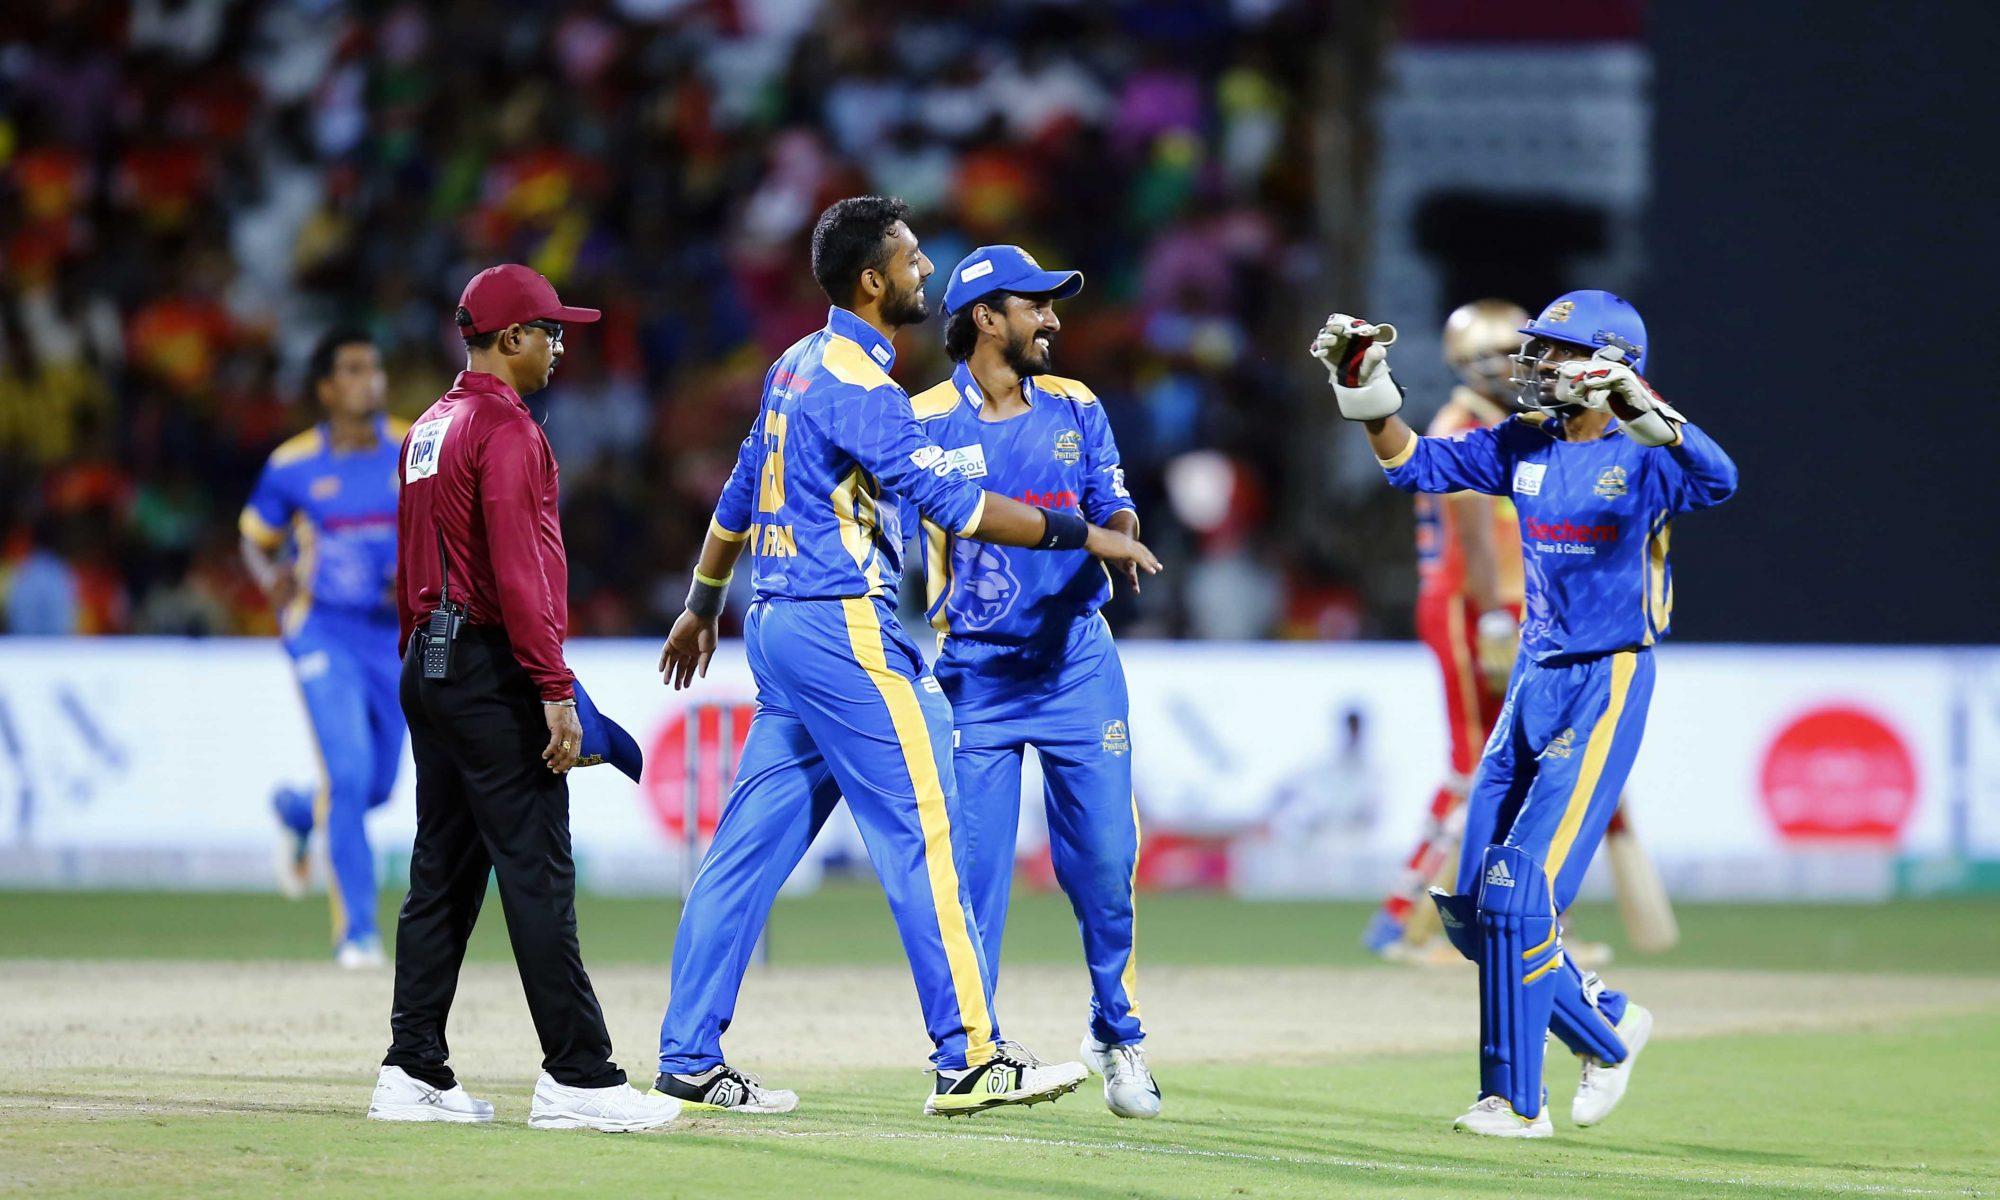 TNPL19- मदुरई पैंथर्स ने शानदार फॉर्म में चल रही चेपॉक सुपर गिलिज को 33 रन से हराया 15